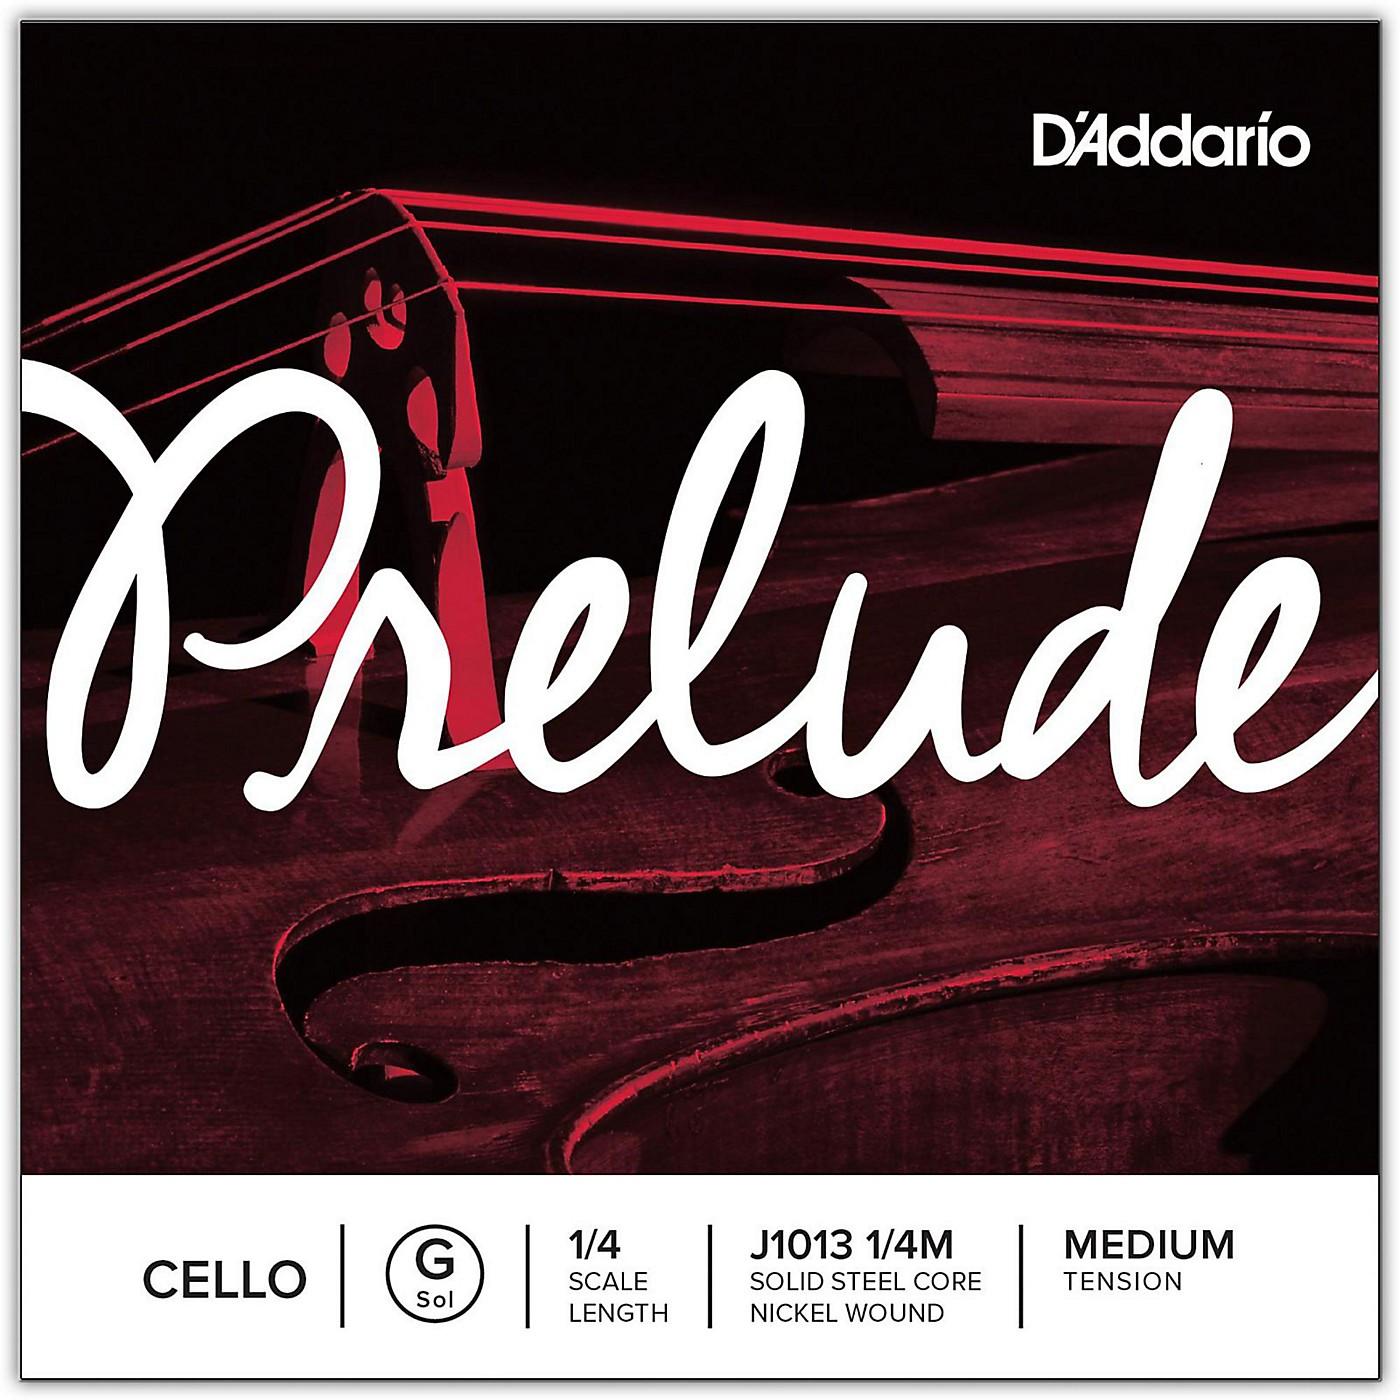 D'Addario Prelude Series Cello G String thumbnail